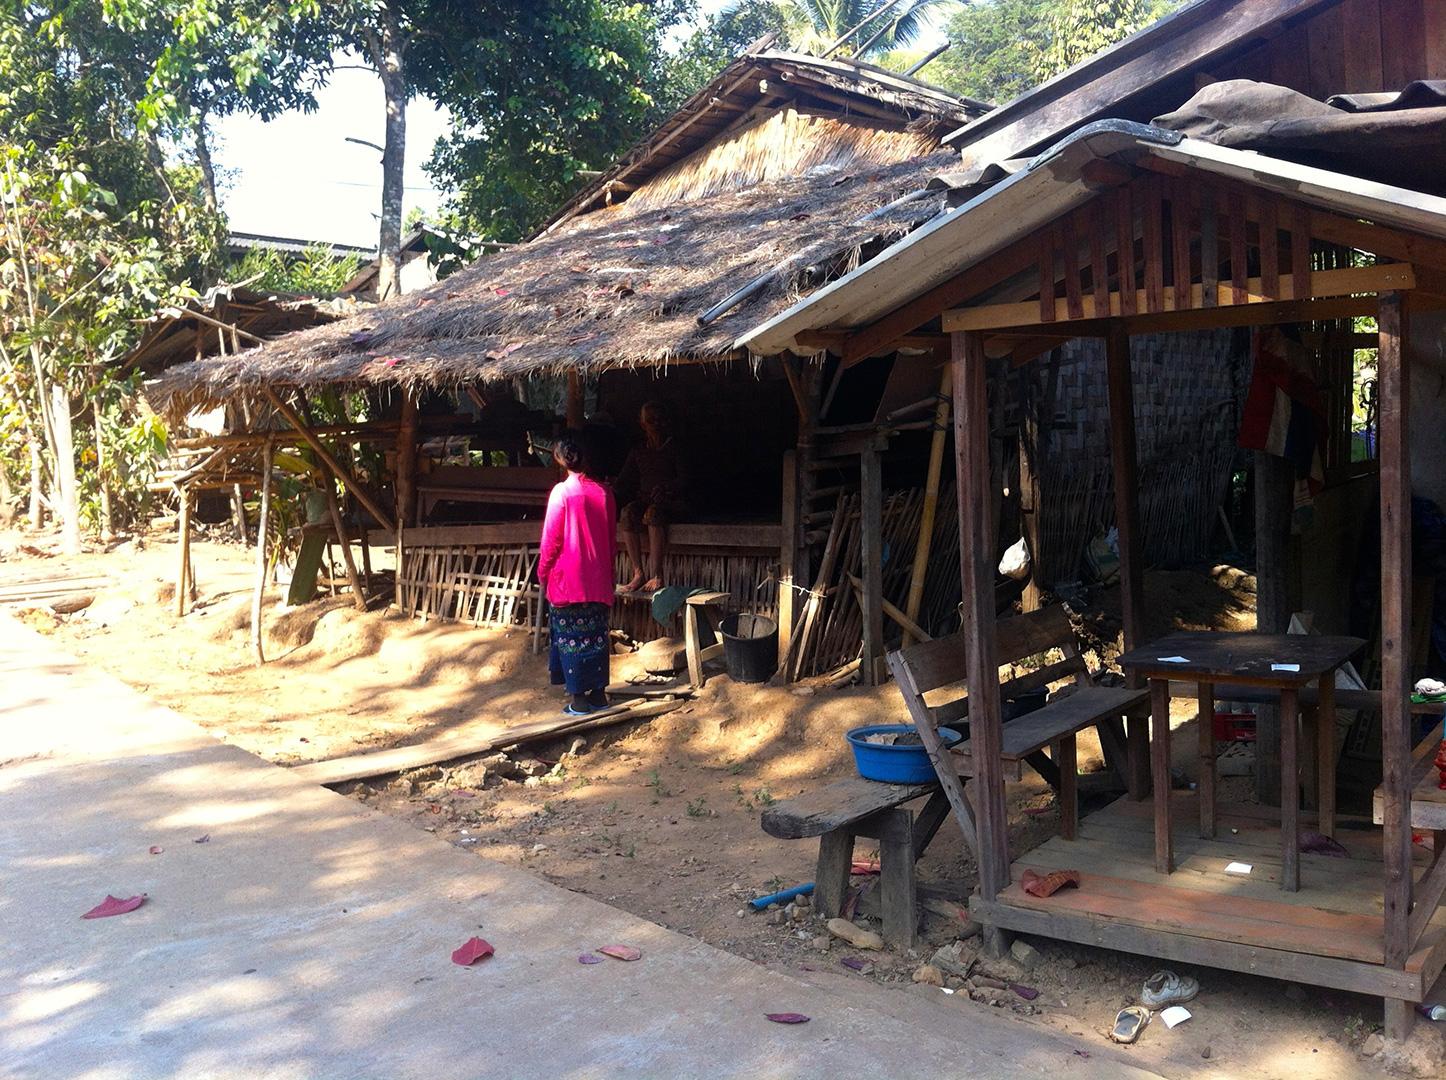 Visiting Mong Sa Tur community